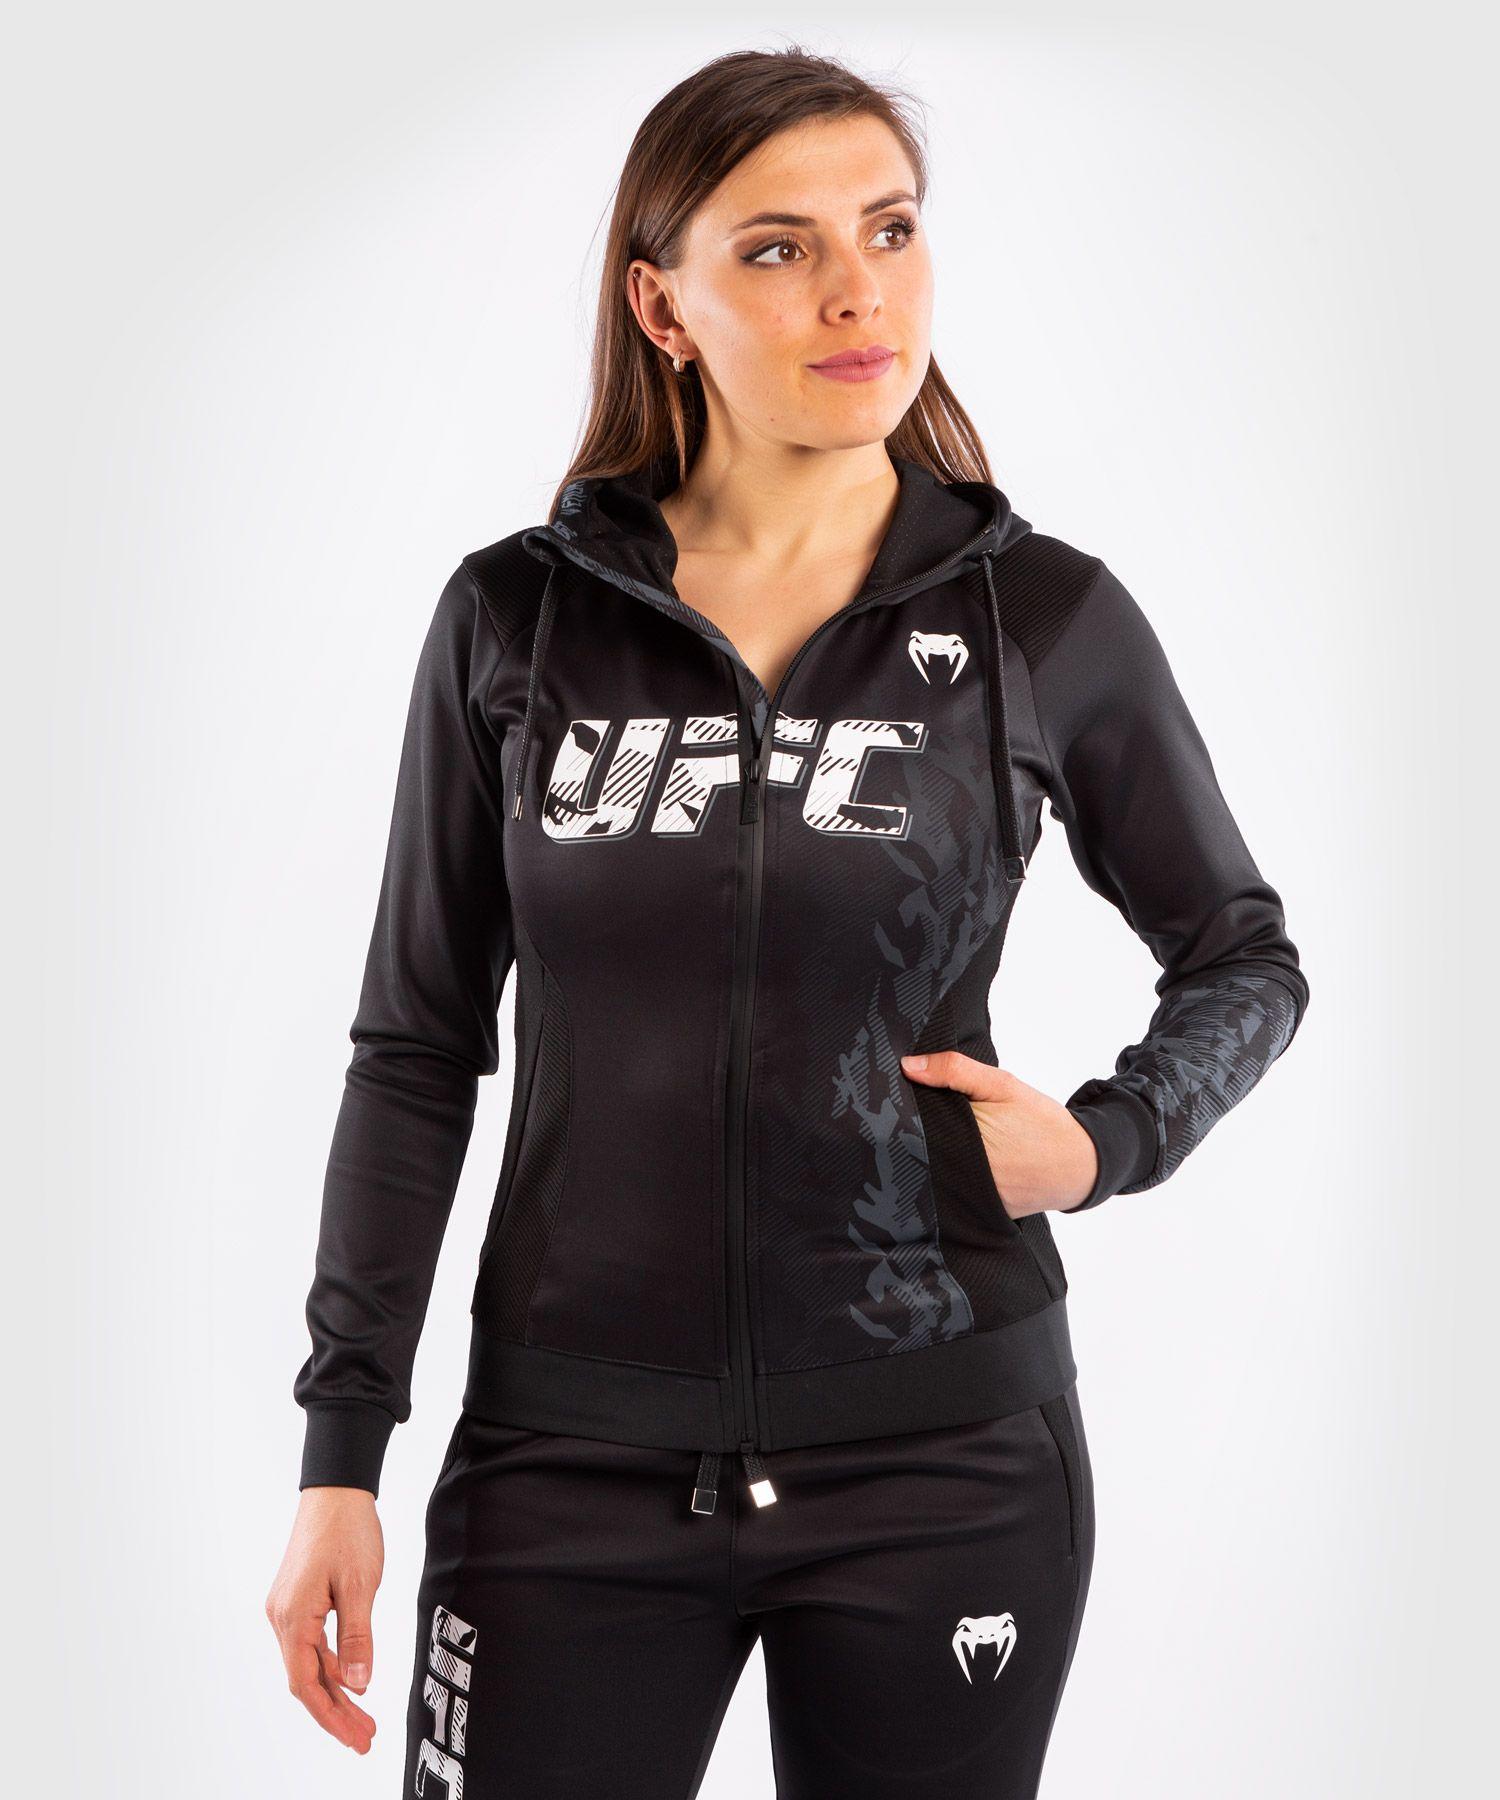 UFC Venum Authentic Fight Week Damen Hoodie mit Reißverschluss - Schwarz